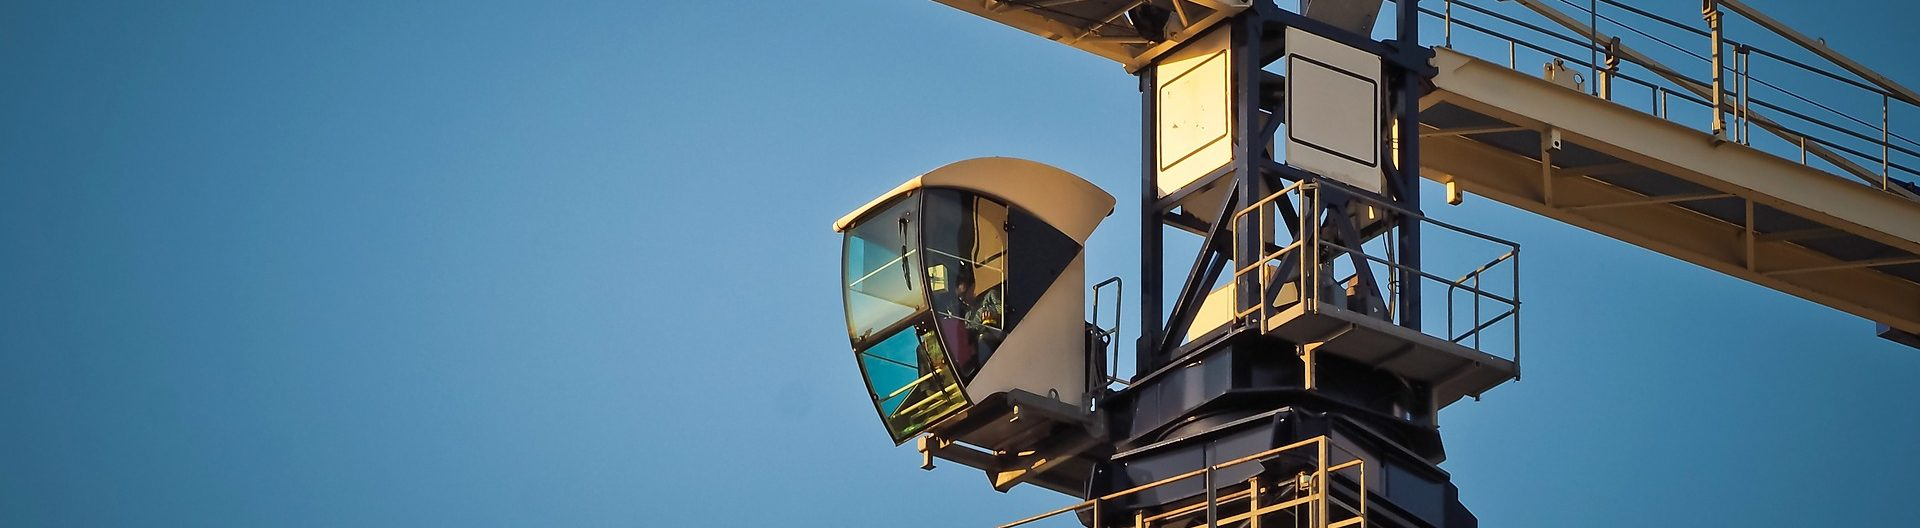 Confira normas de segurança no trabalho em máquinas e equipamentos